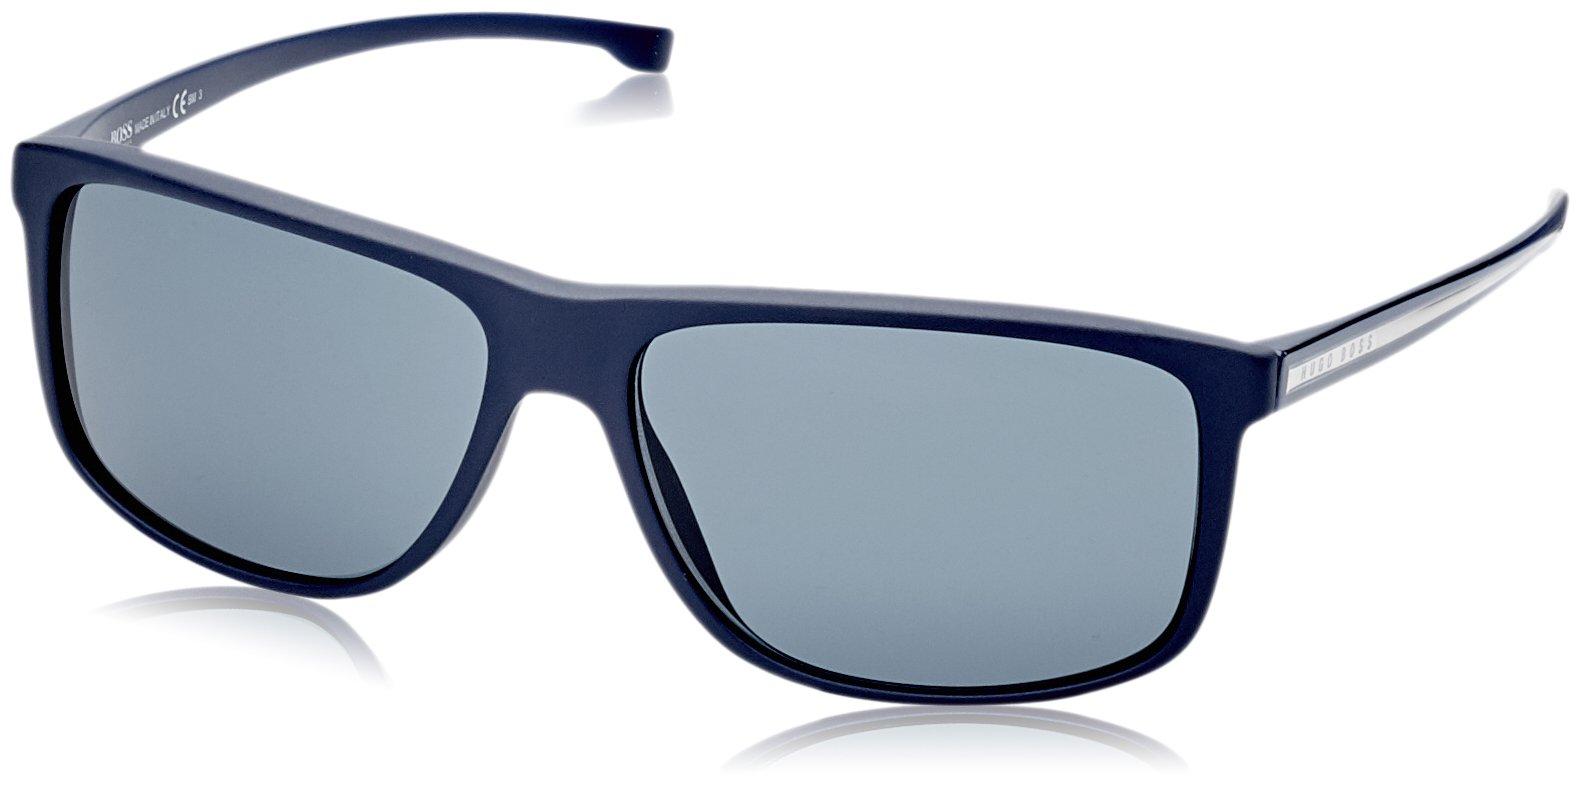 BOSS by Hugo Boss Men's 0875/s Rectangular Sunglasses, Blue, 60 mm